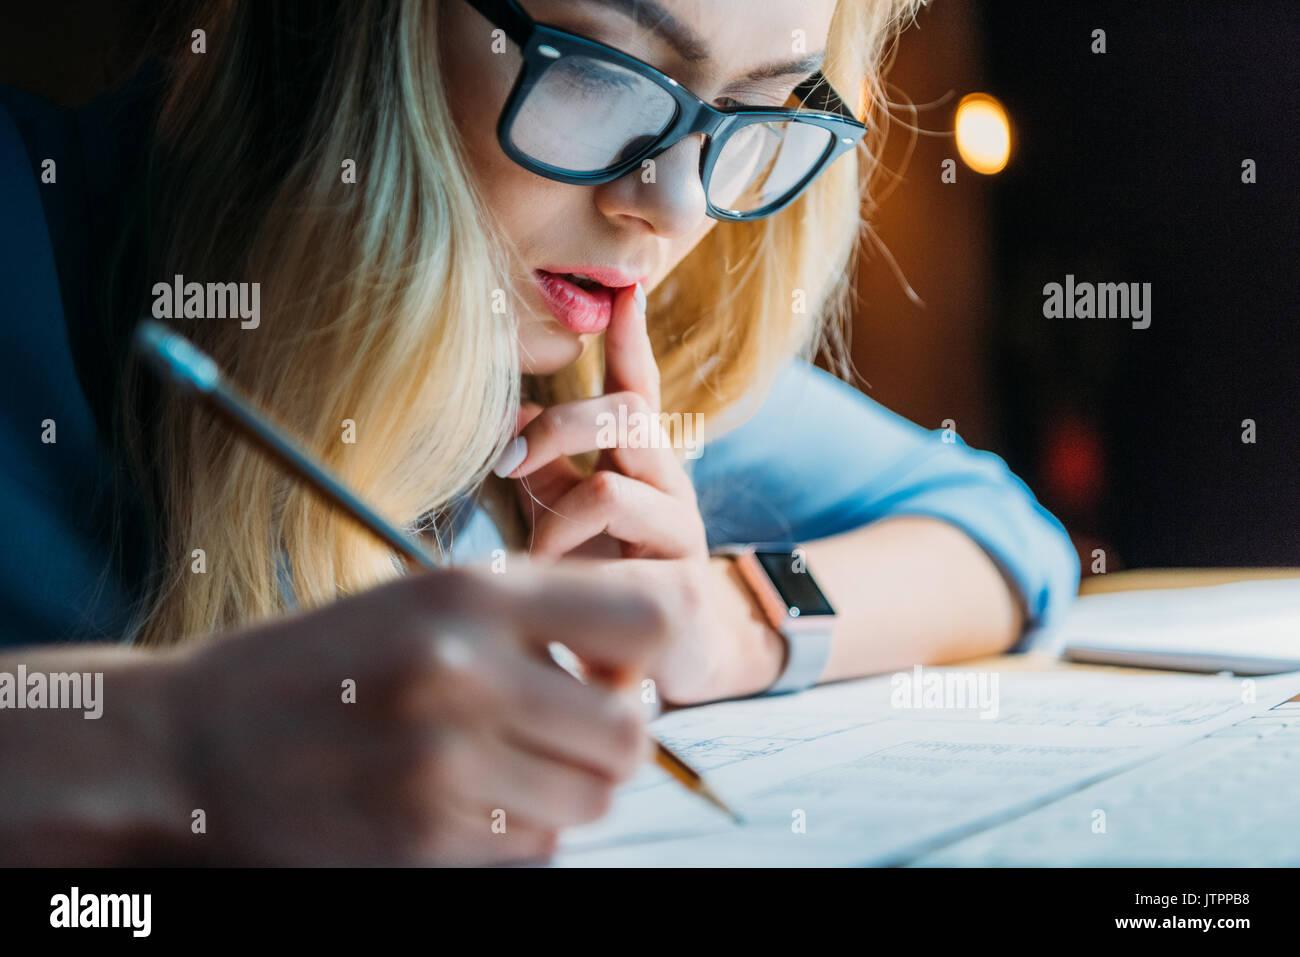 Joven rubia caucásica estudiante en anteojos de pensar y escribir algo con lápiz, estudiando hasta tarde Imagen De Stock